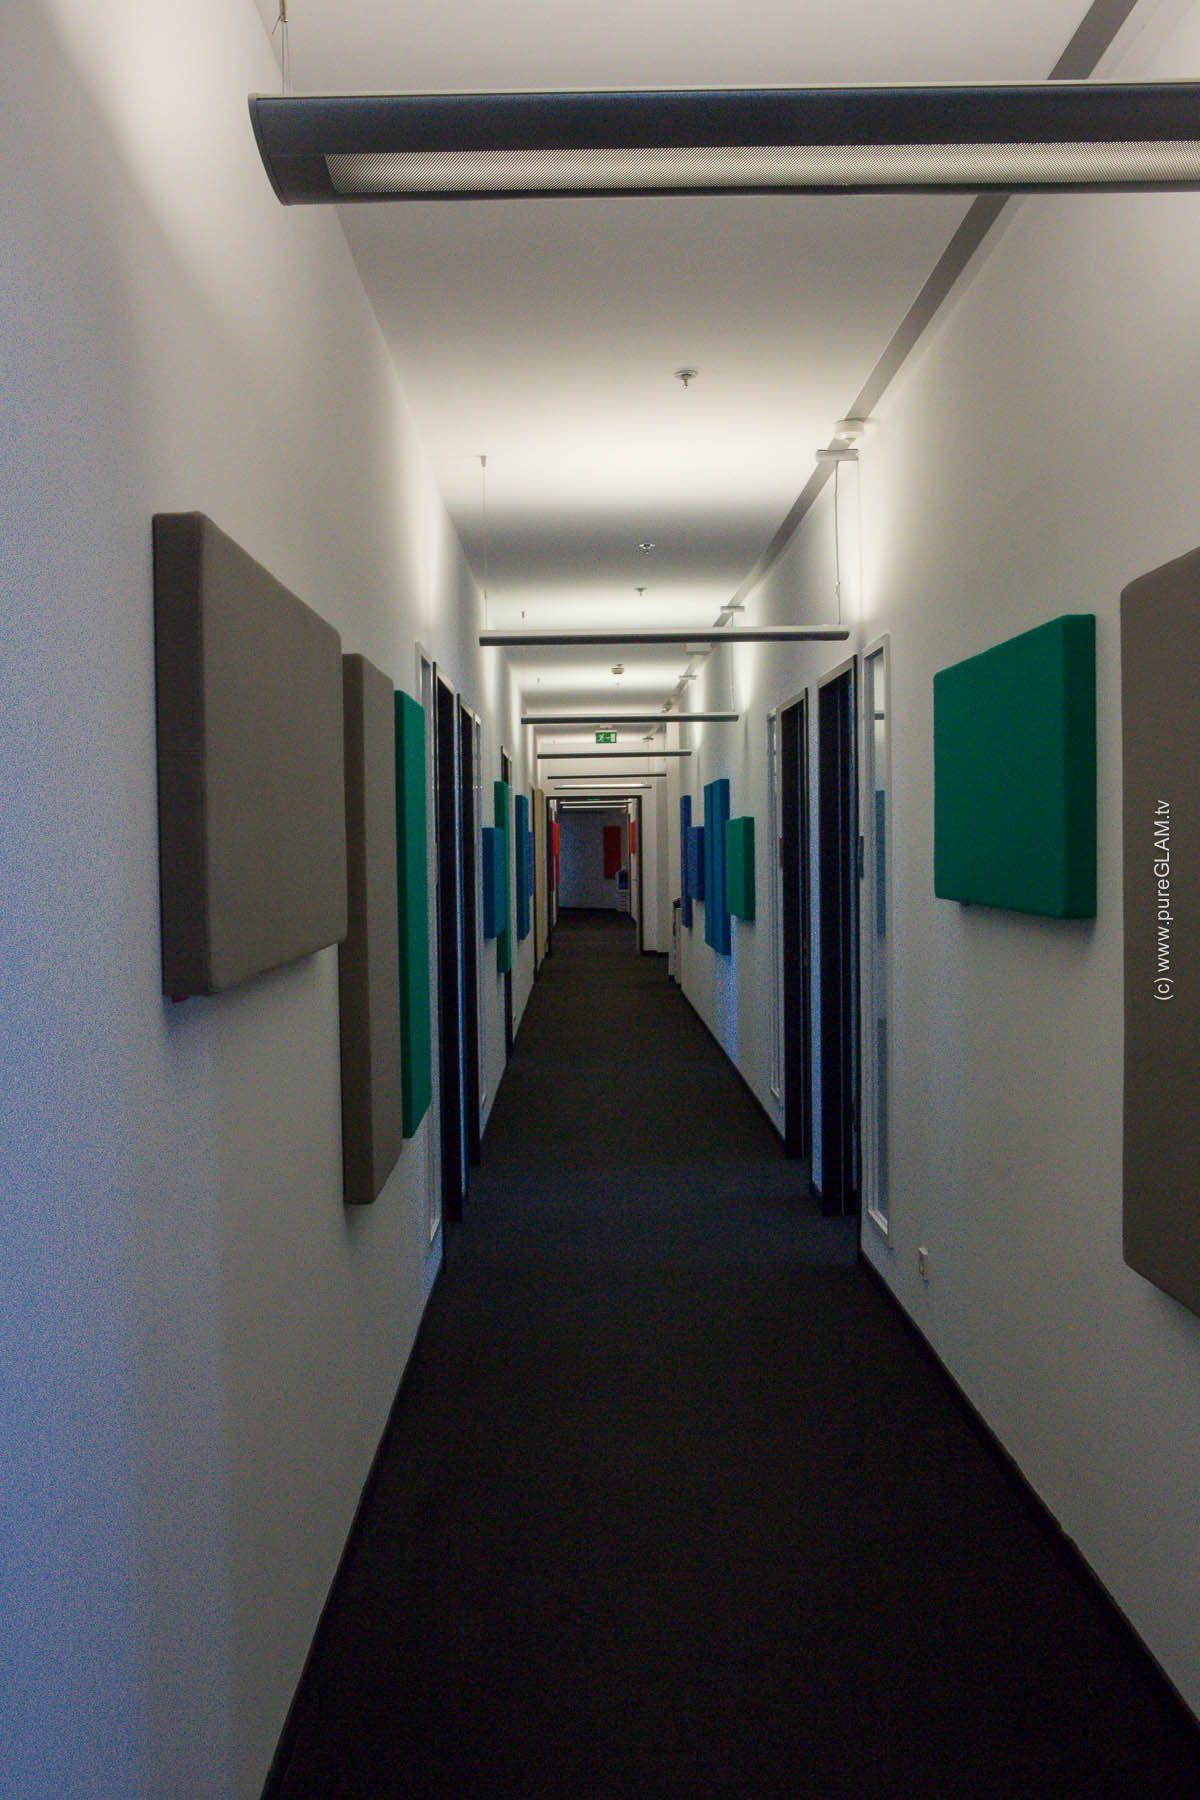 Radisson Blu Frankfurt - IMEX Travel Party 2014 - Nachhaltigkeit und Umweltschutz - Erweiterung - Anbau - Showroom - Neue Meetingräume - Bra...